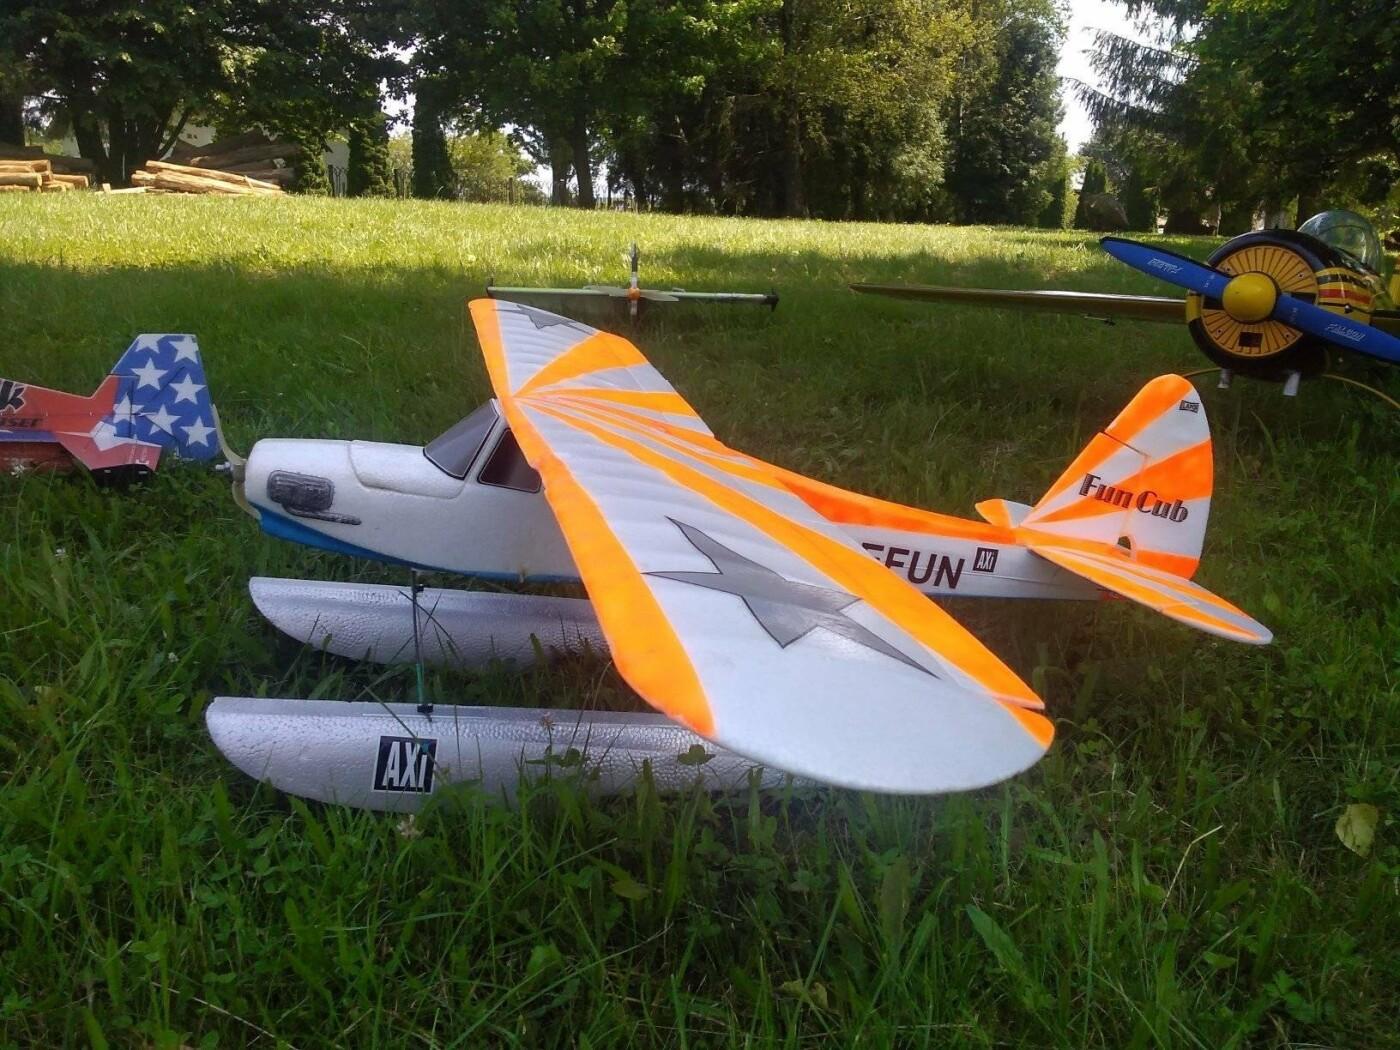 В Нагуєвичах запускають модельну авіацію, фото-4